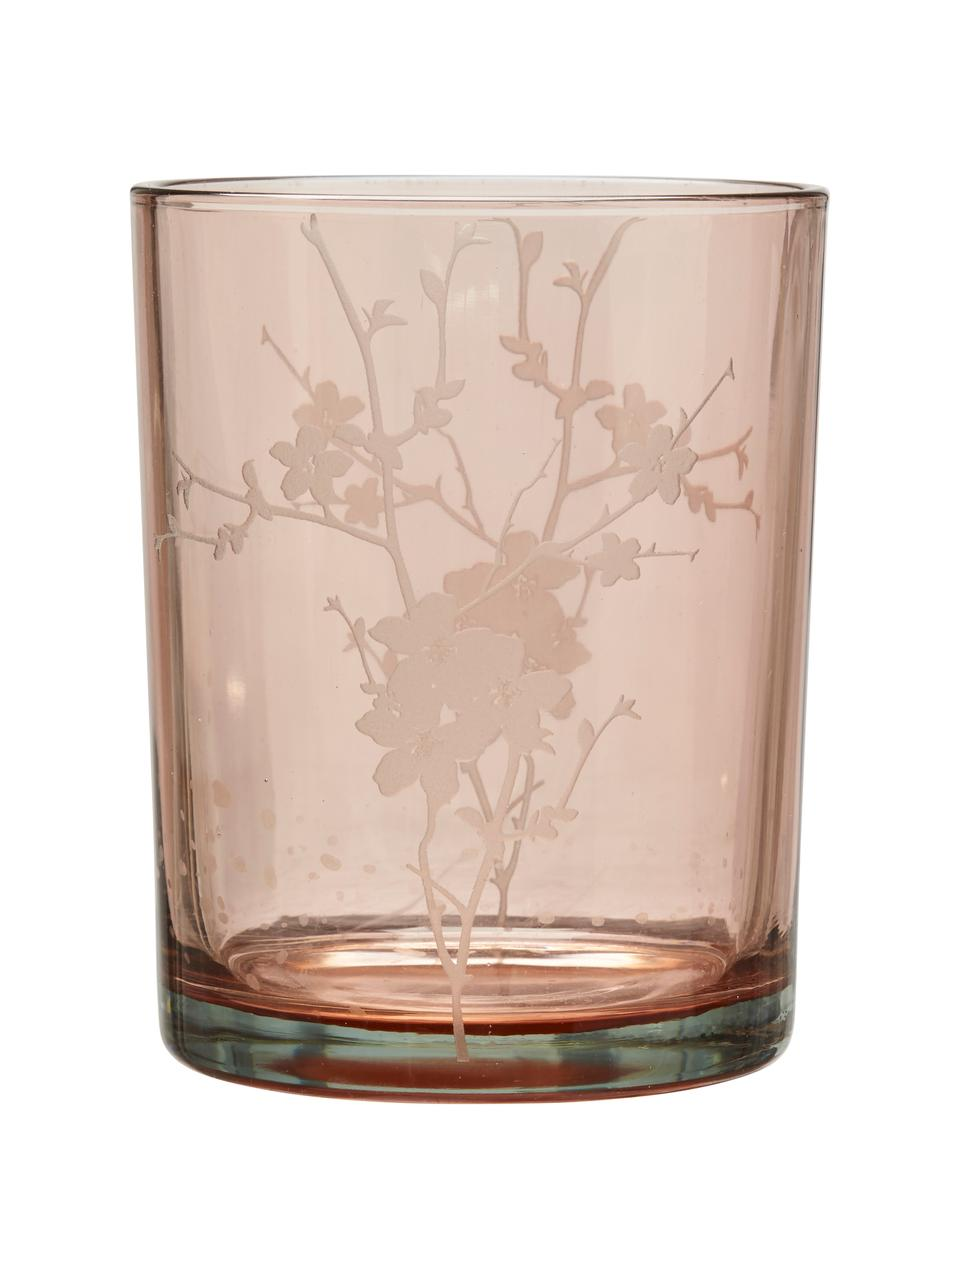 Komplet świeczników na podgrzewacze Flowery, 2 elem., Szkło, nadruk, Różowy, Ø 10 x W 12 cm